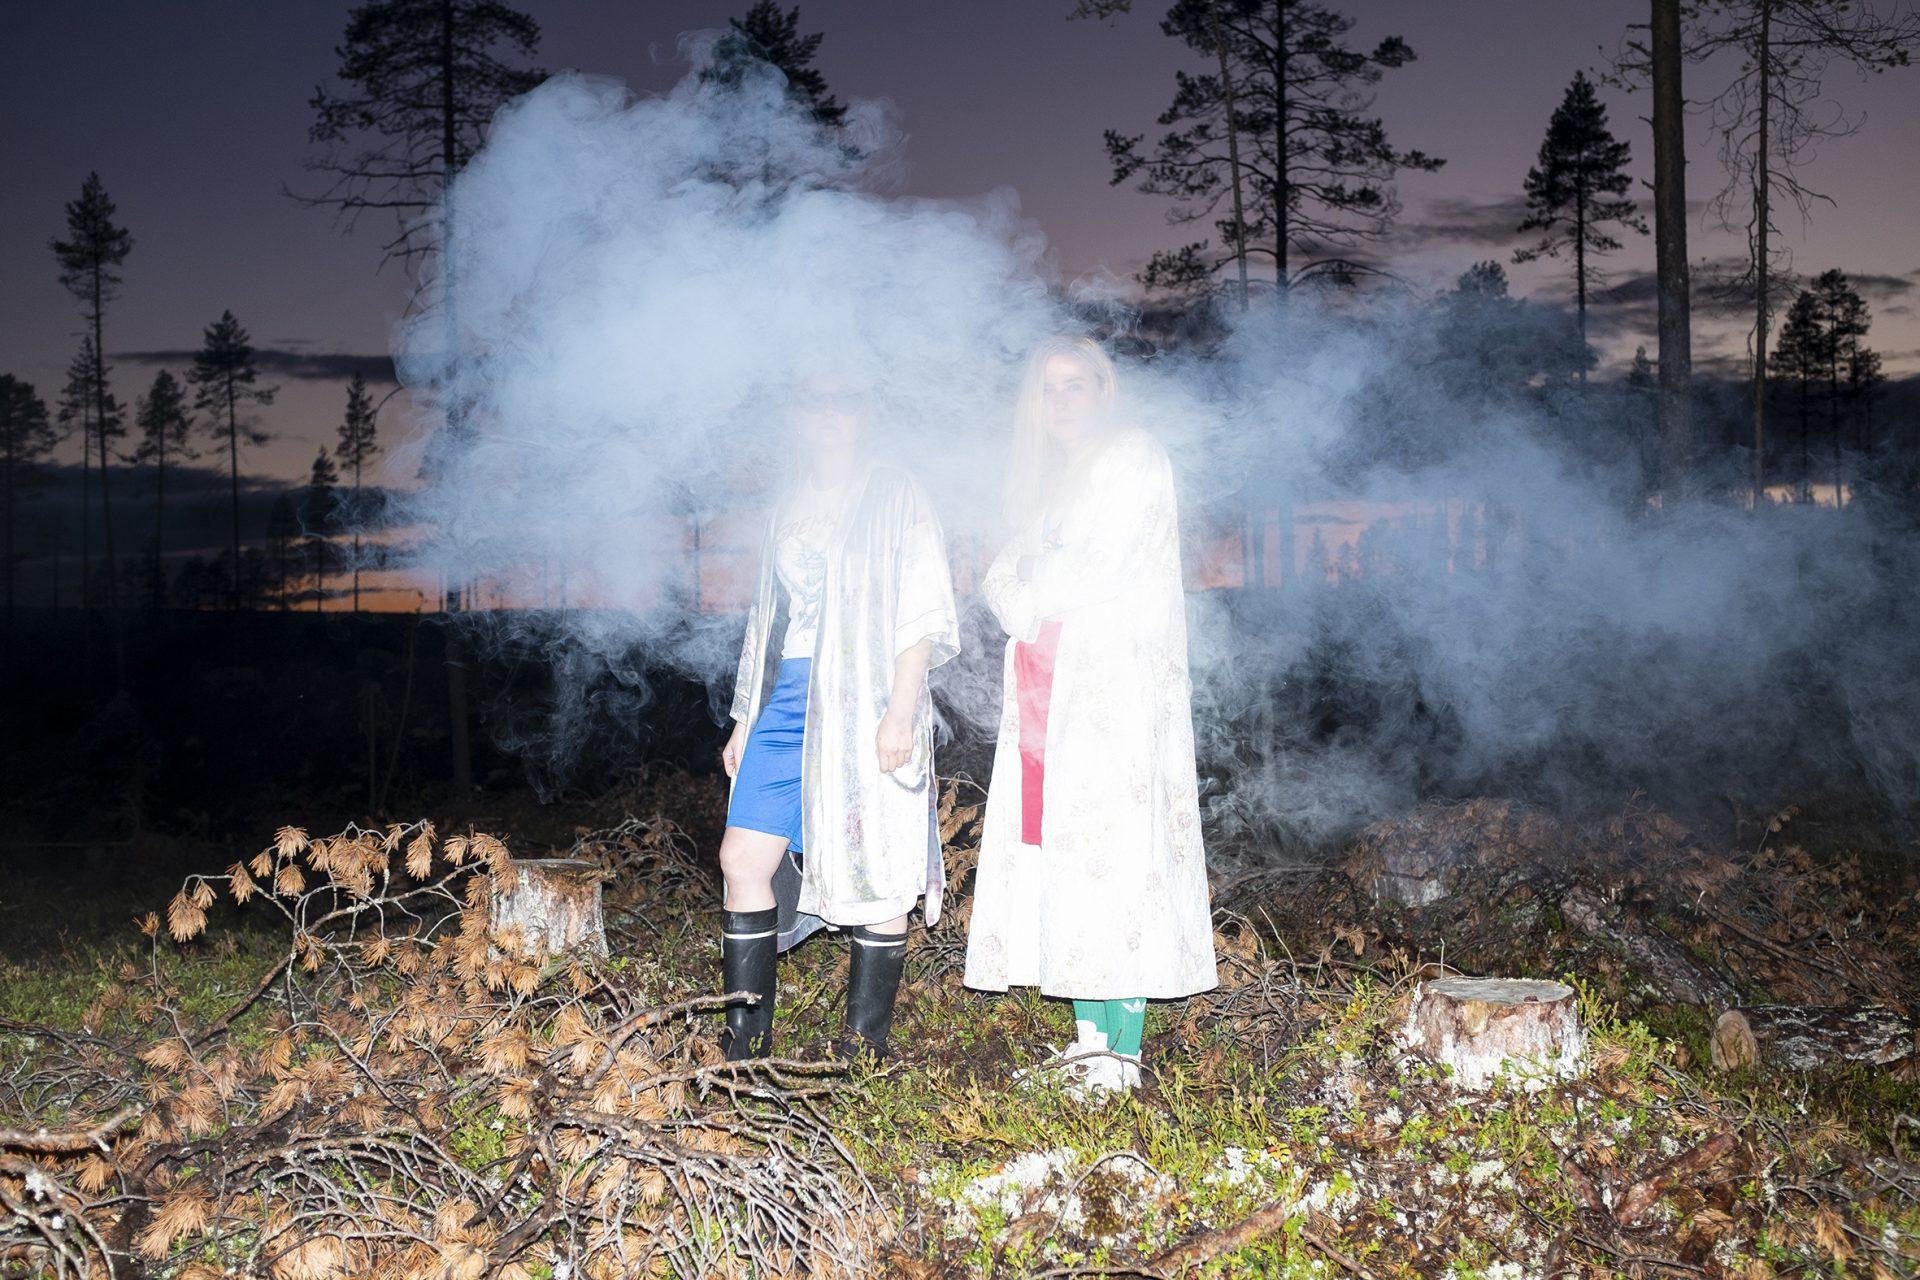 Maustetytöt-yhtyeen kaksi jäsentä seisoo savupilven keskellä hämärässä metsässä, kumisaappaissa ja pitkissä valkoisissa takeissa.